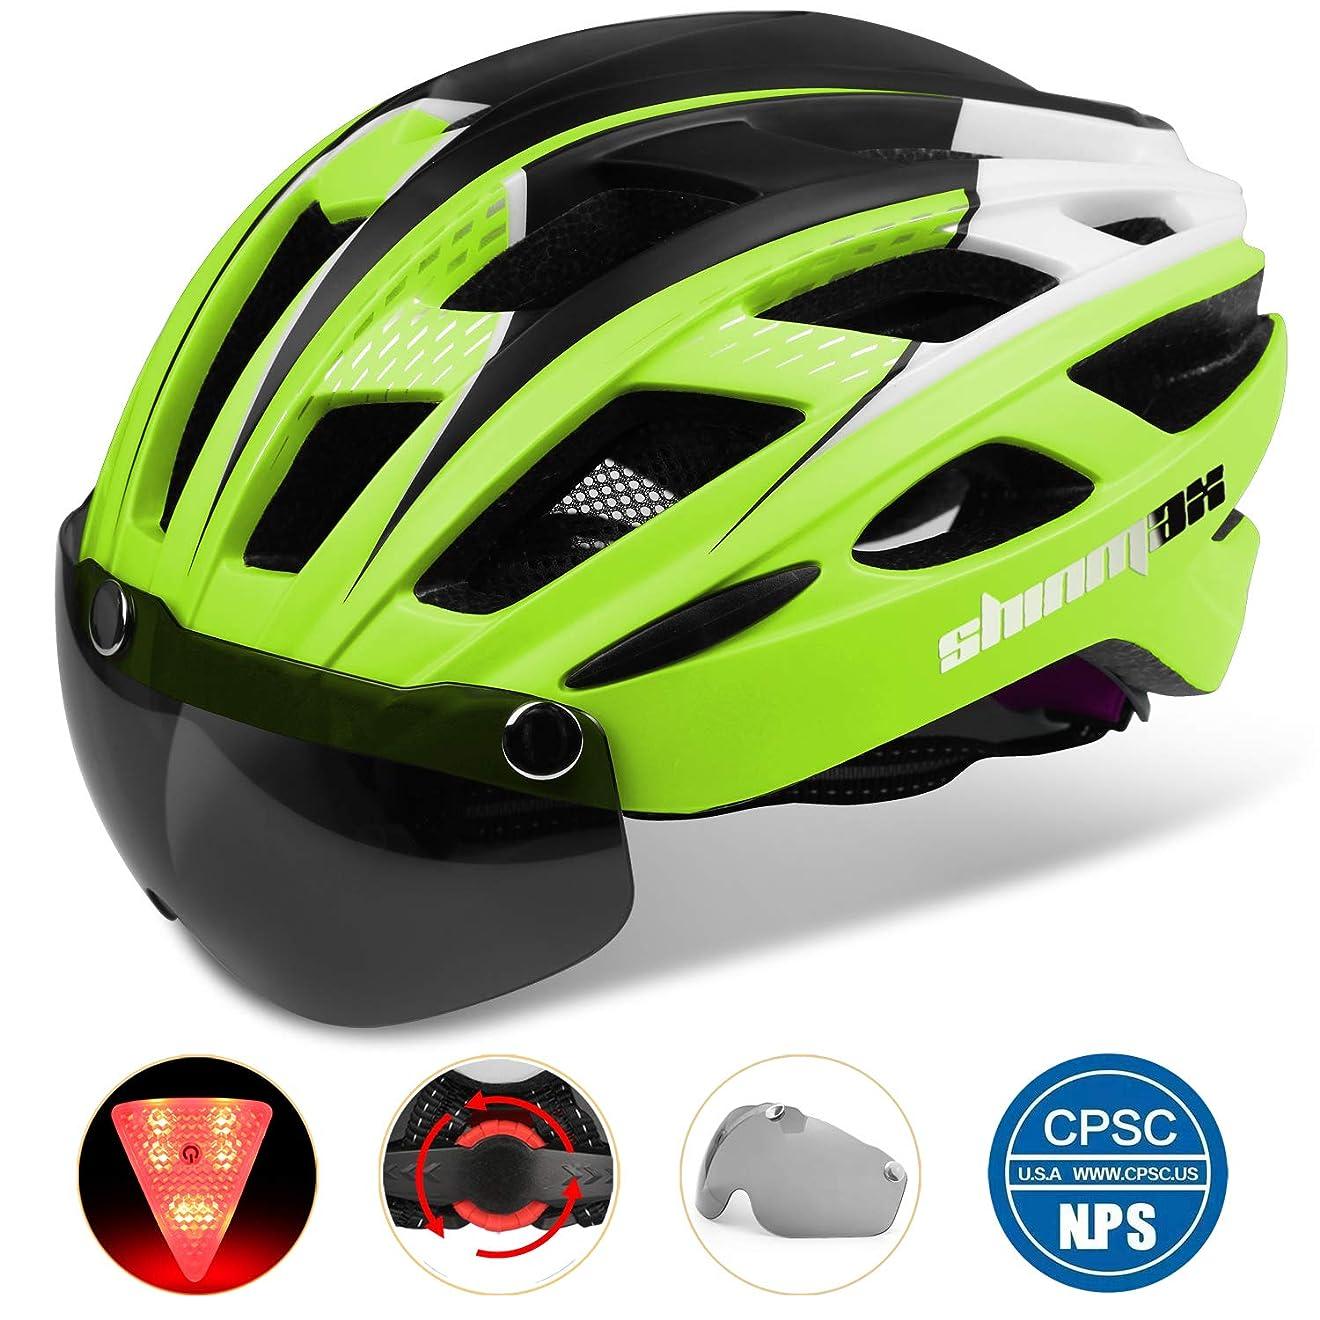 相談する合理化ハウジングShinmax自転車ヘルメット, LEDライト付きサイクルヘルメット 安全ライト付き自転車ヘルメット ゴーグル超軽量自転車ヘルメット アダルト自転車ヘルメット 取り外し可能なシールドサンバイザー付き